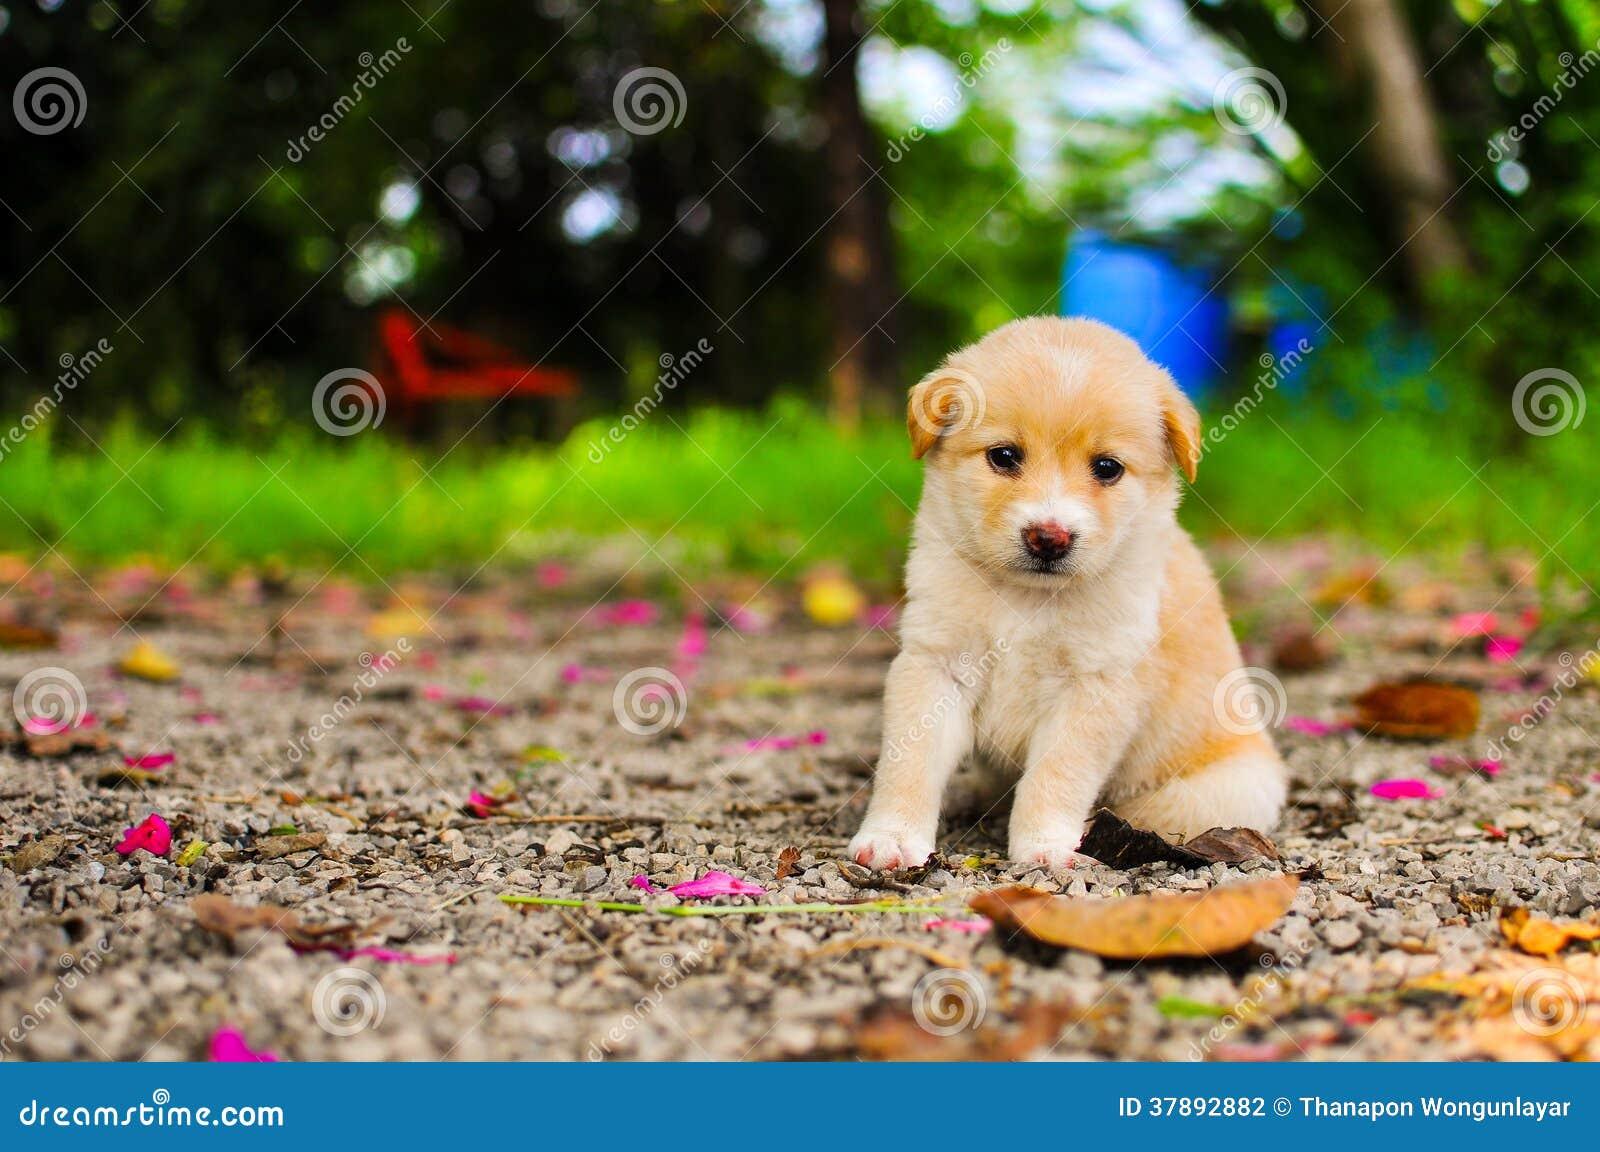 Маленькая тайская собака щенка.